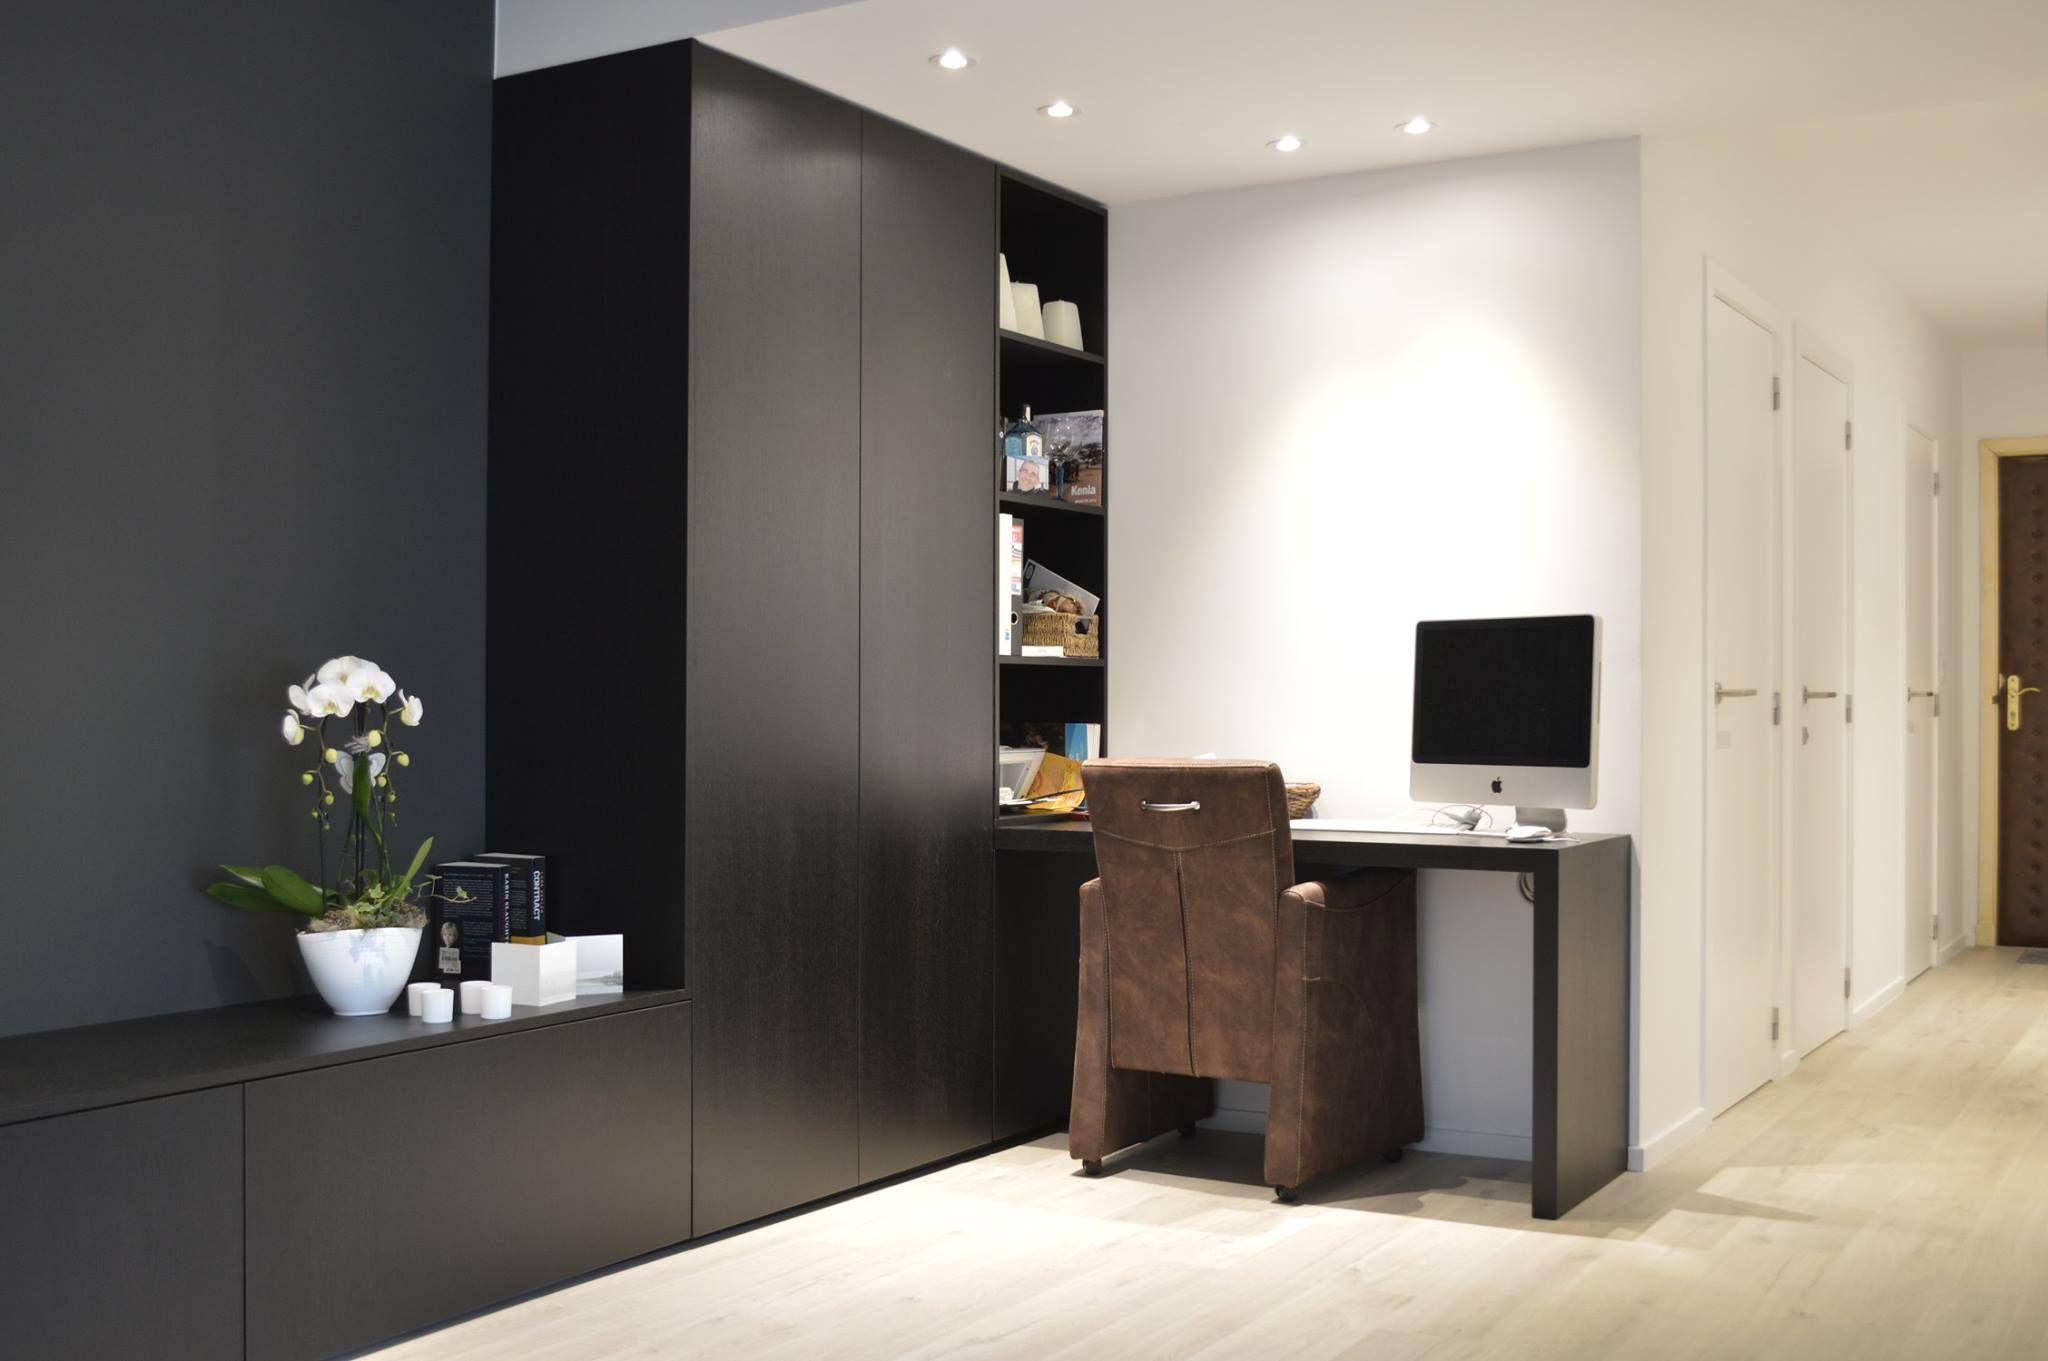 Appartement Renovatie Melbourne : Renovatie appartement maa gielen interieur realisaties